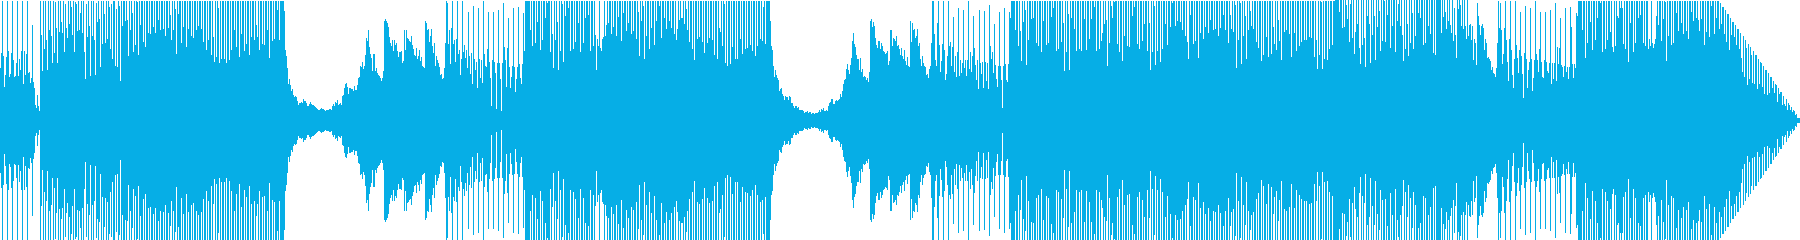 未来的で技術的な電子サウンドの再生済みの波形